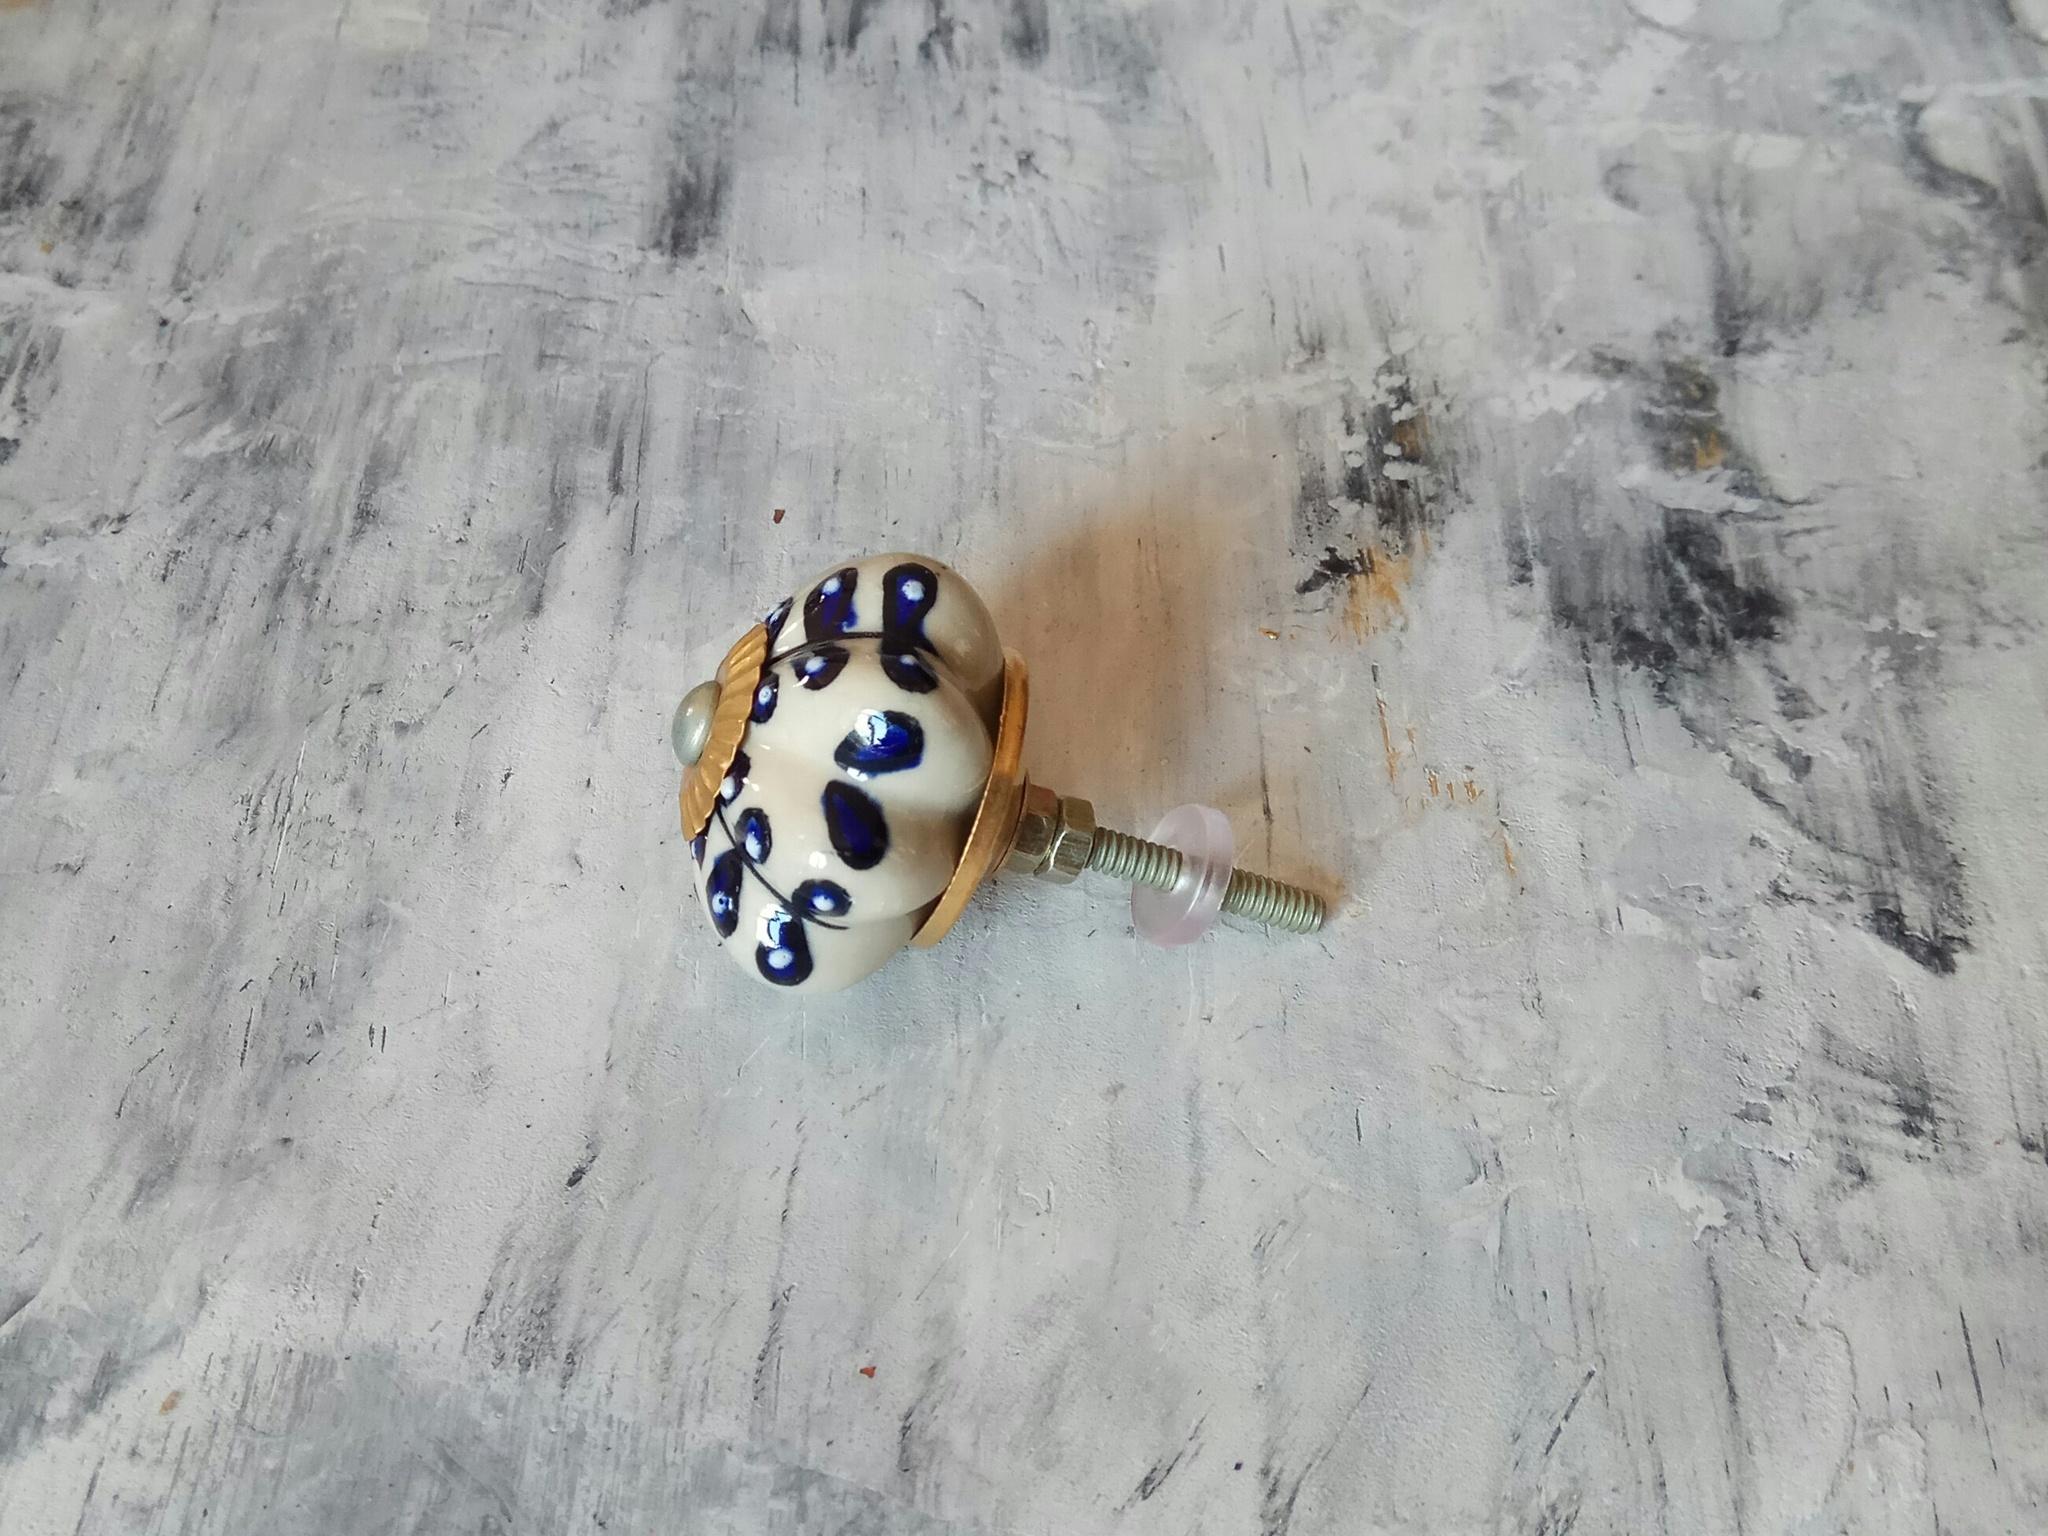 Ручка мебельная керамическая кремовая с синим орнаментом, арт. 000326